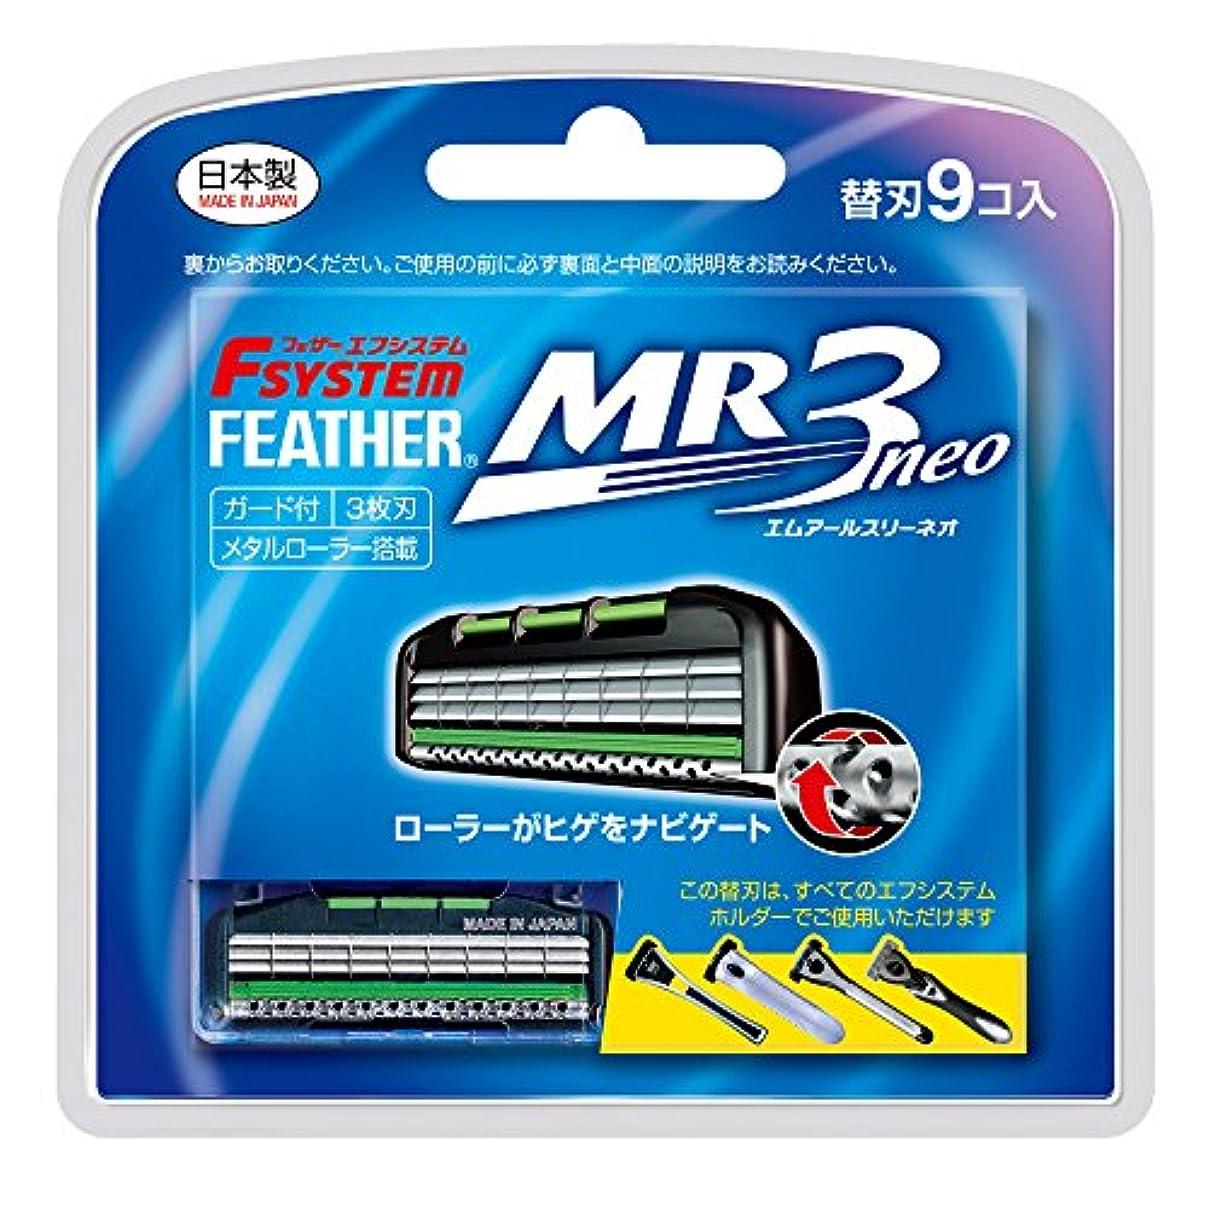 アイザック性能シュートフェザー エフシステム 替刃 MR3ネオ 9コ入